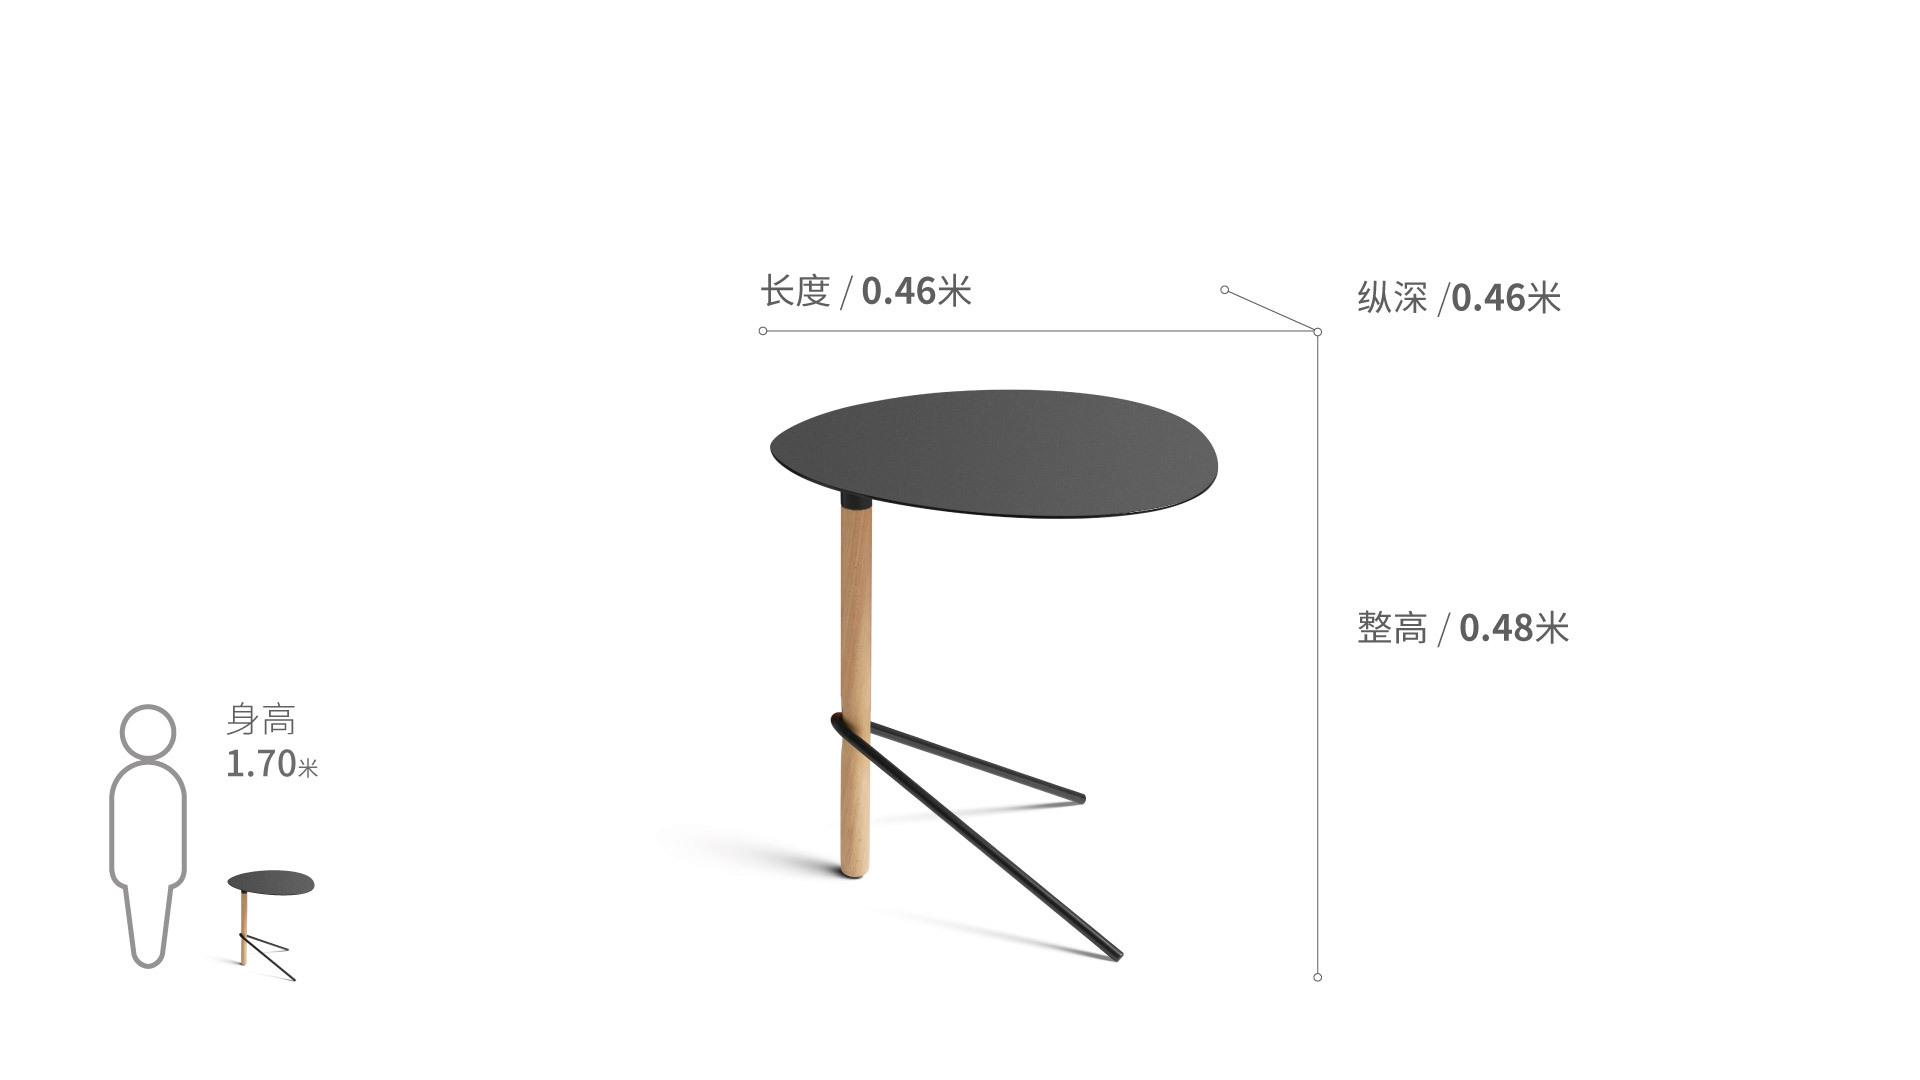 空几升级版桌几效果图